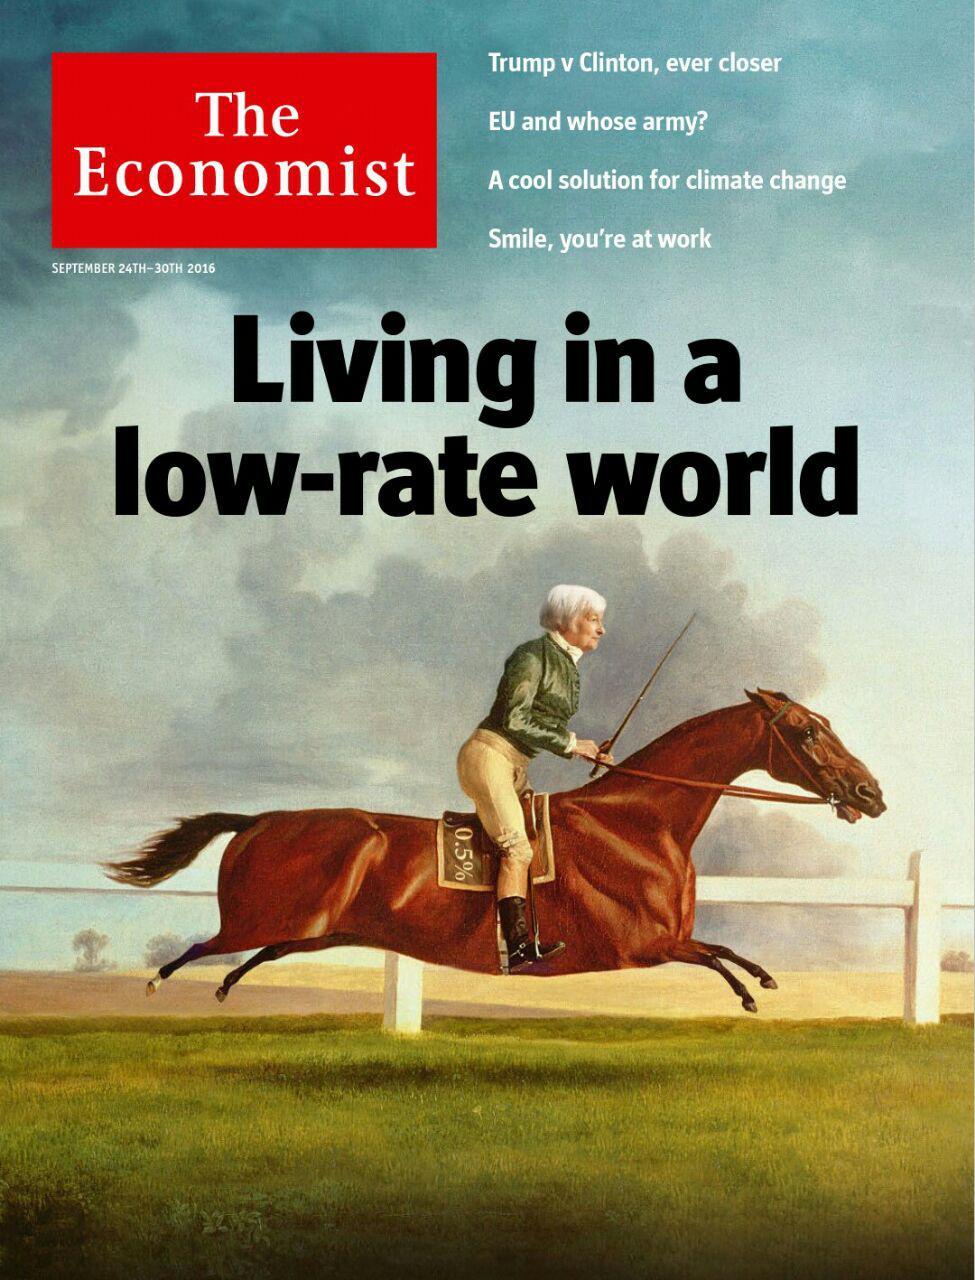 دانلود هفته نامه اکونومیست تاریخ 24 سپتامبر ۲۰۱۶